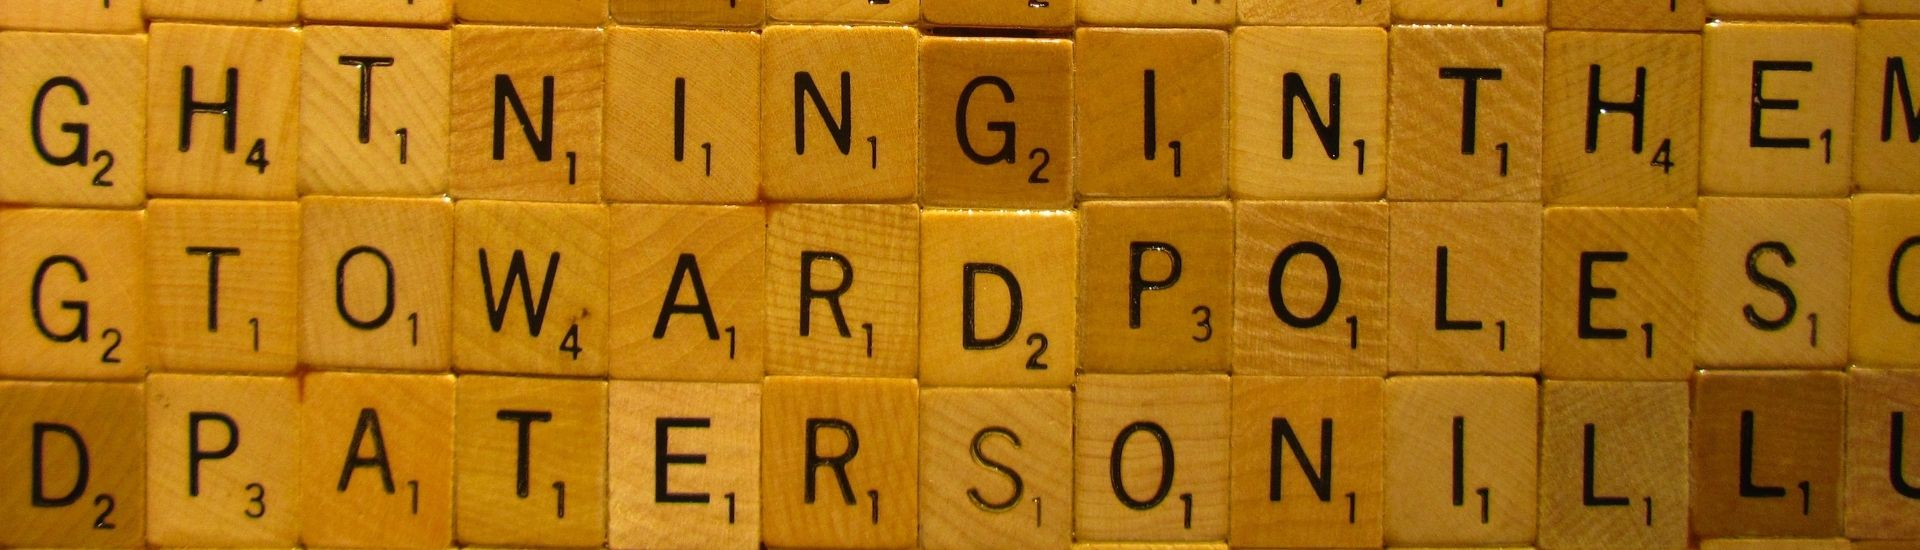 Imagen de varias piezas de Scrabble, un